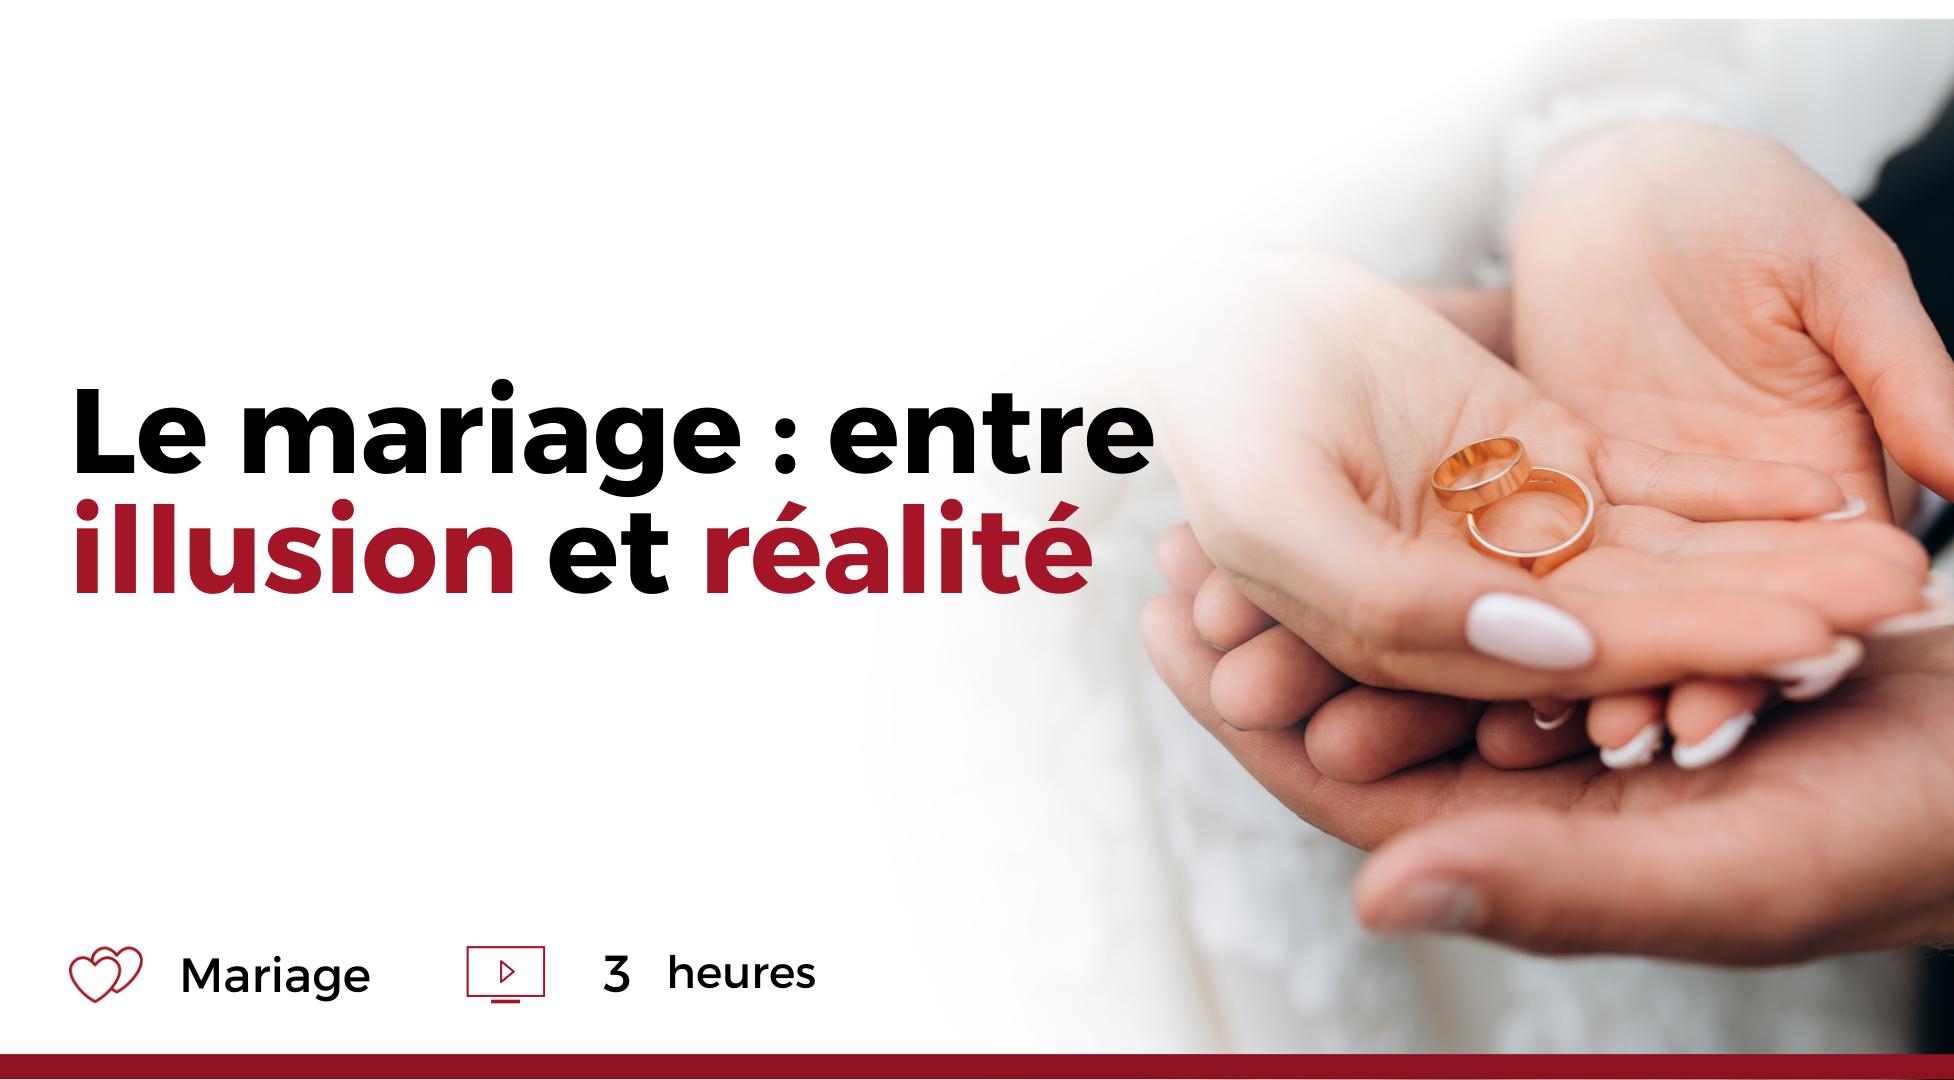 Le mariage entre illusion et réalité